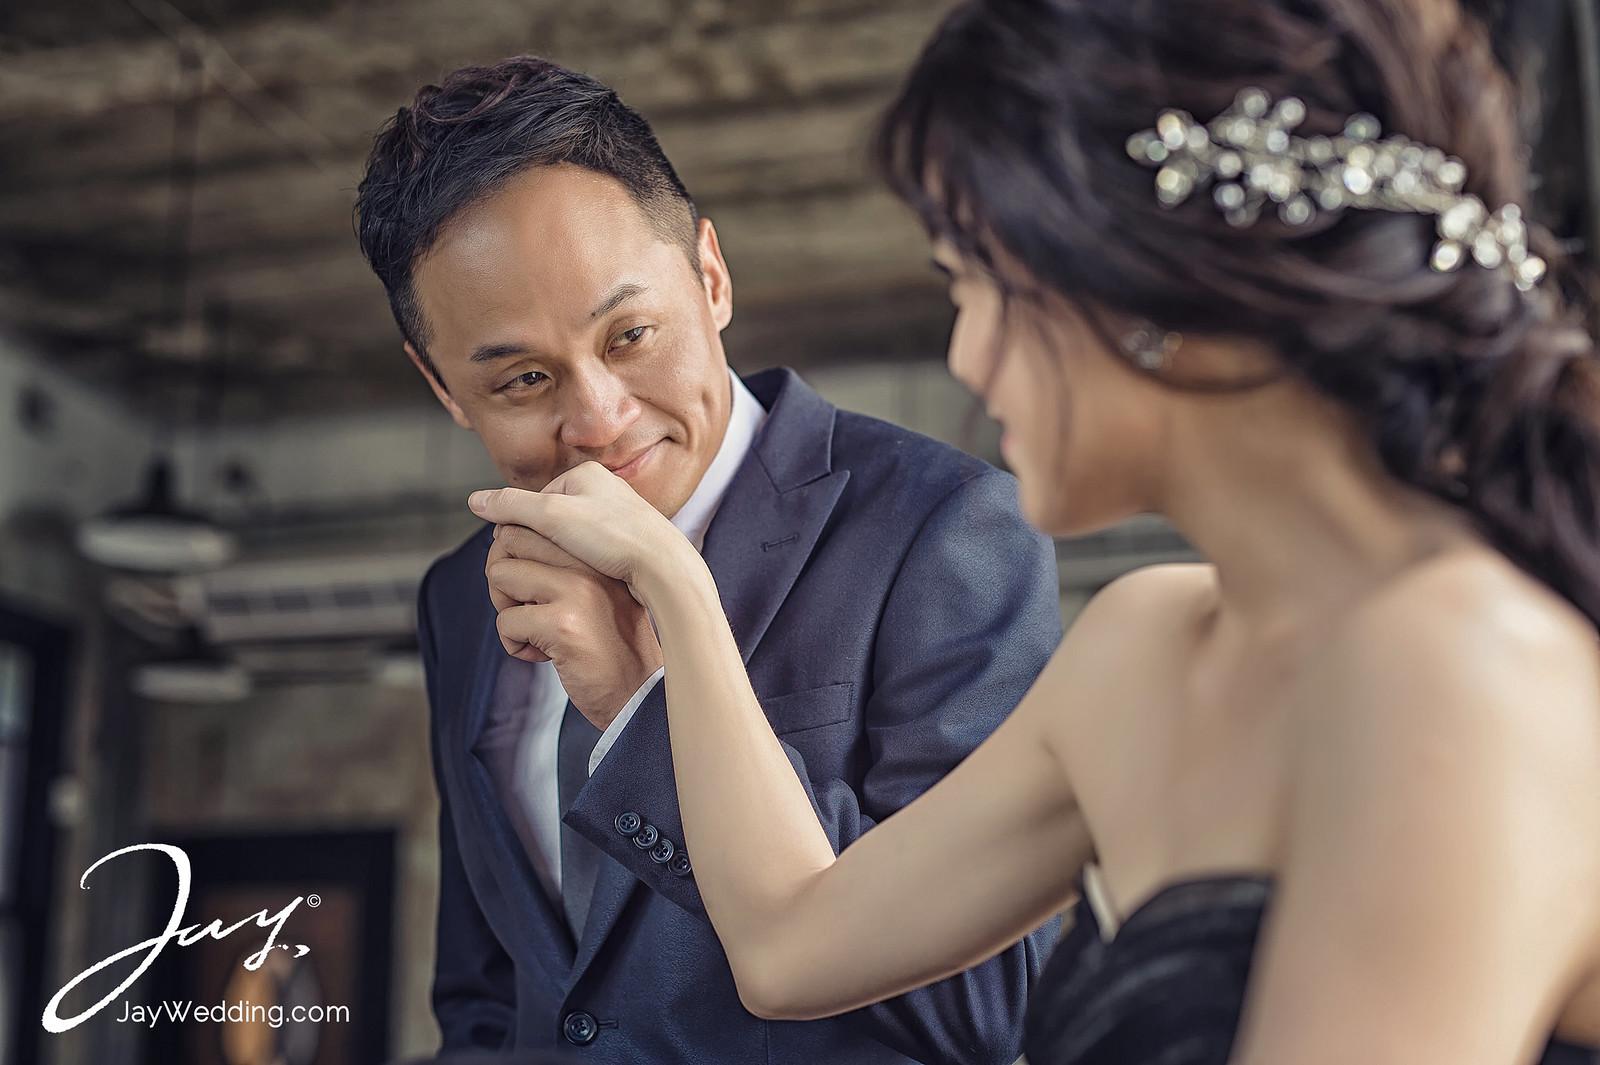 婚紗,婚攝,京都,大阪,食尚曼谷,海外婚紗,自助婚紗,自主婚紗,婚攝A-Jay,婚攝阿杰,jay hsieh,JAY_3490